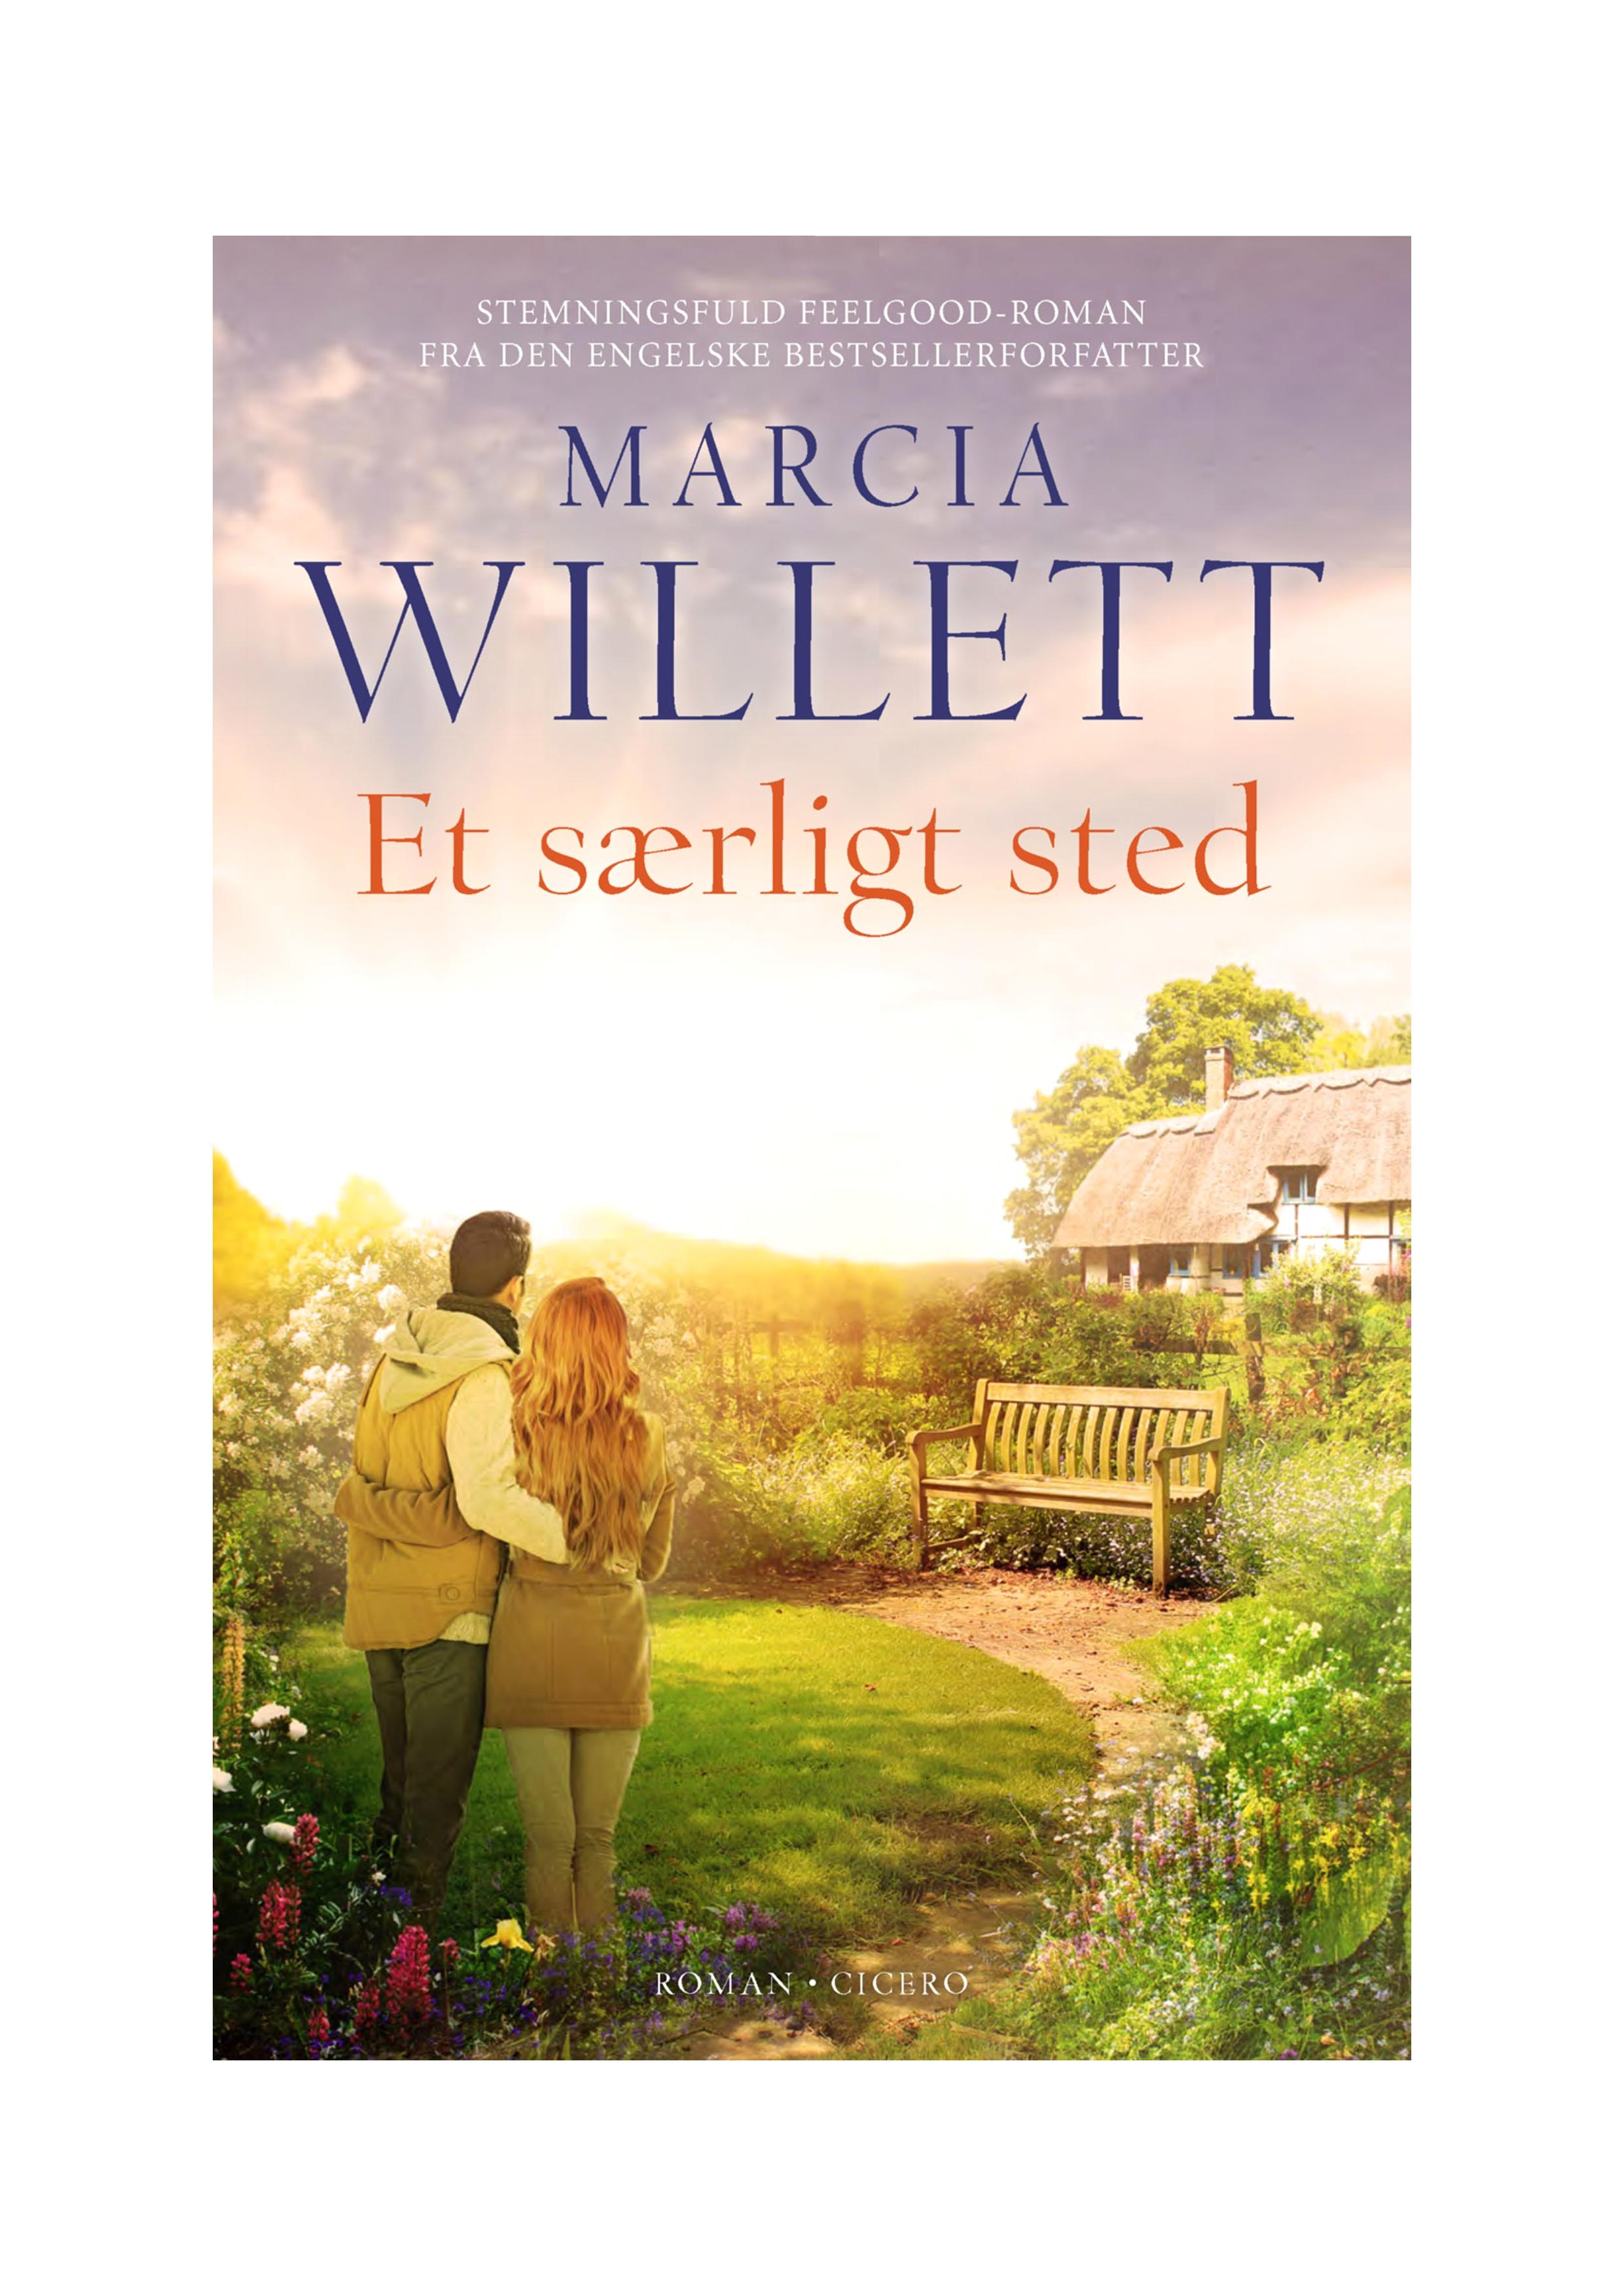 Et særligt sted - Marcia Willett - Bøger - Gyldendal - 9788763865357 - 20/8-2020